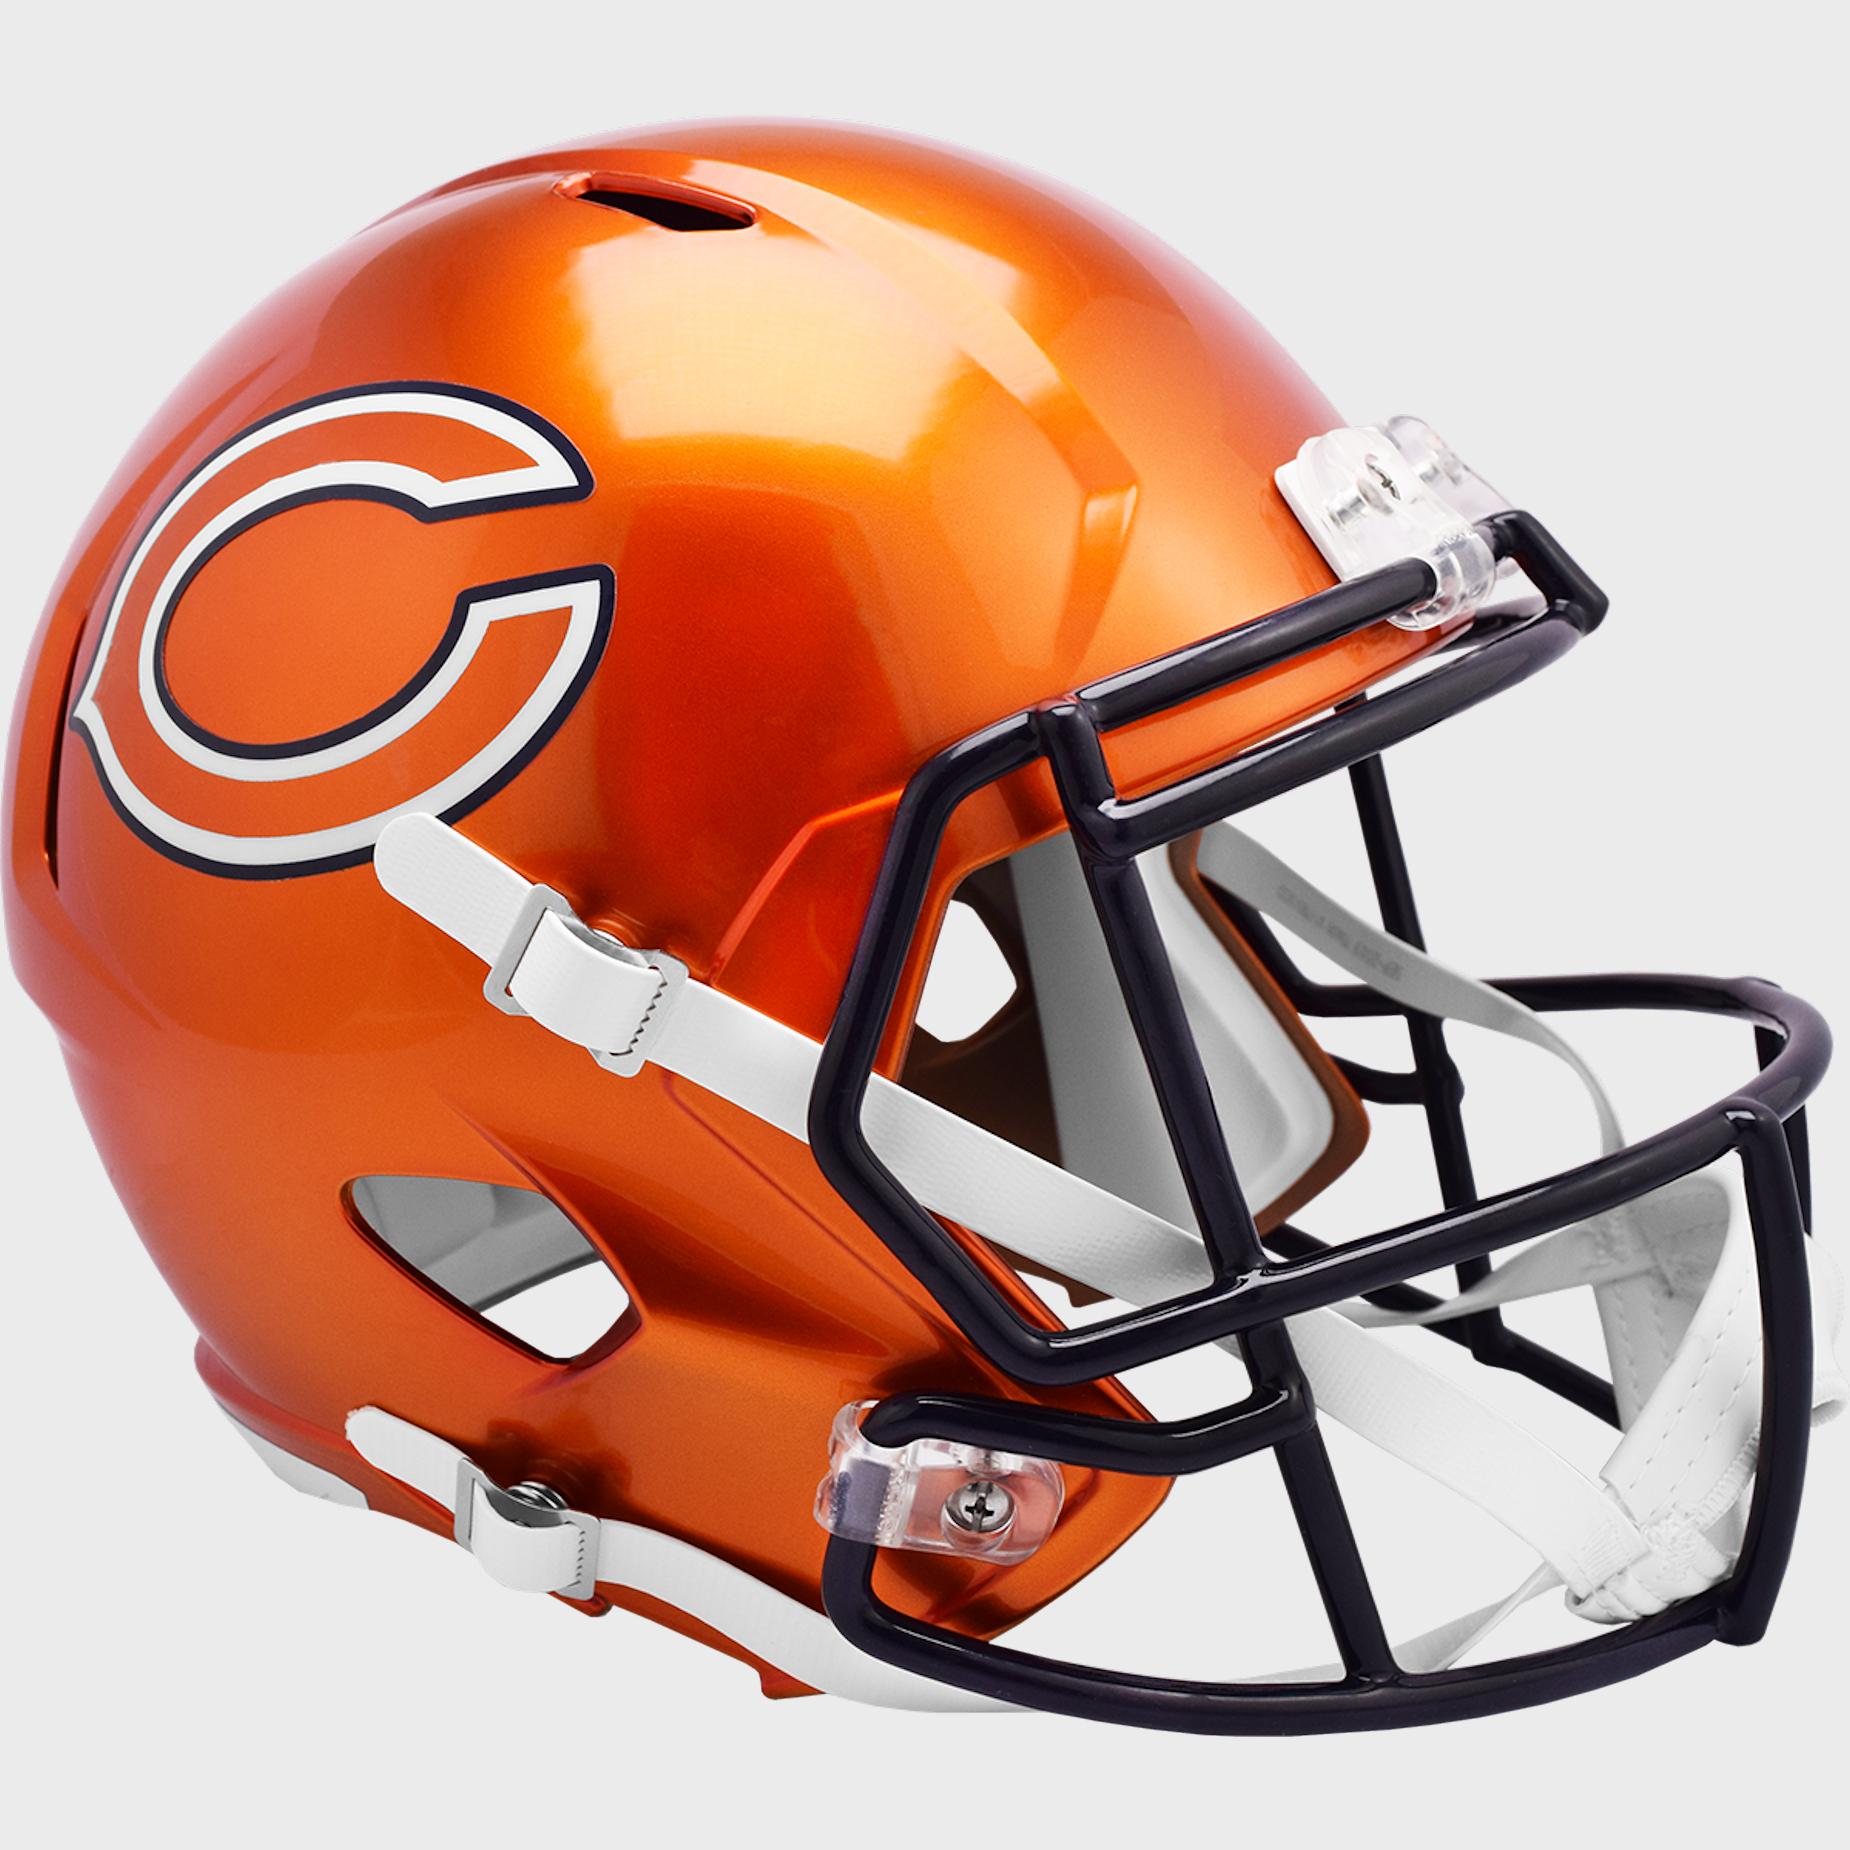 Chicago Bears Speed Replica Football Helmet <B>FLASH ESD 8/21/21</B>